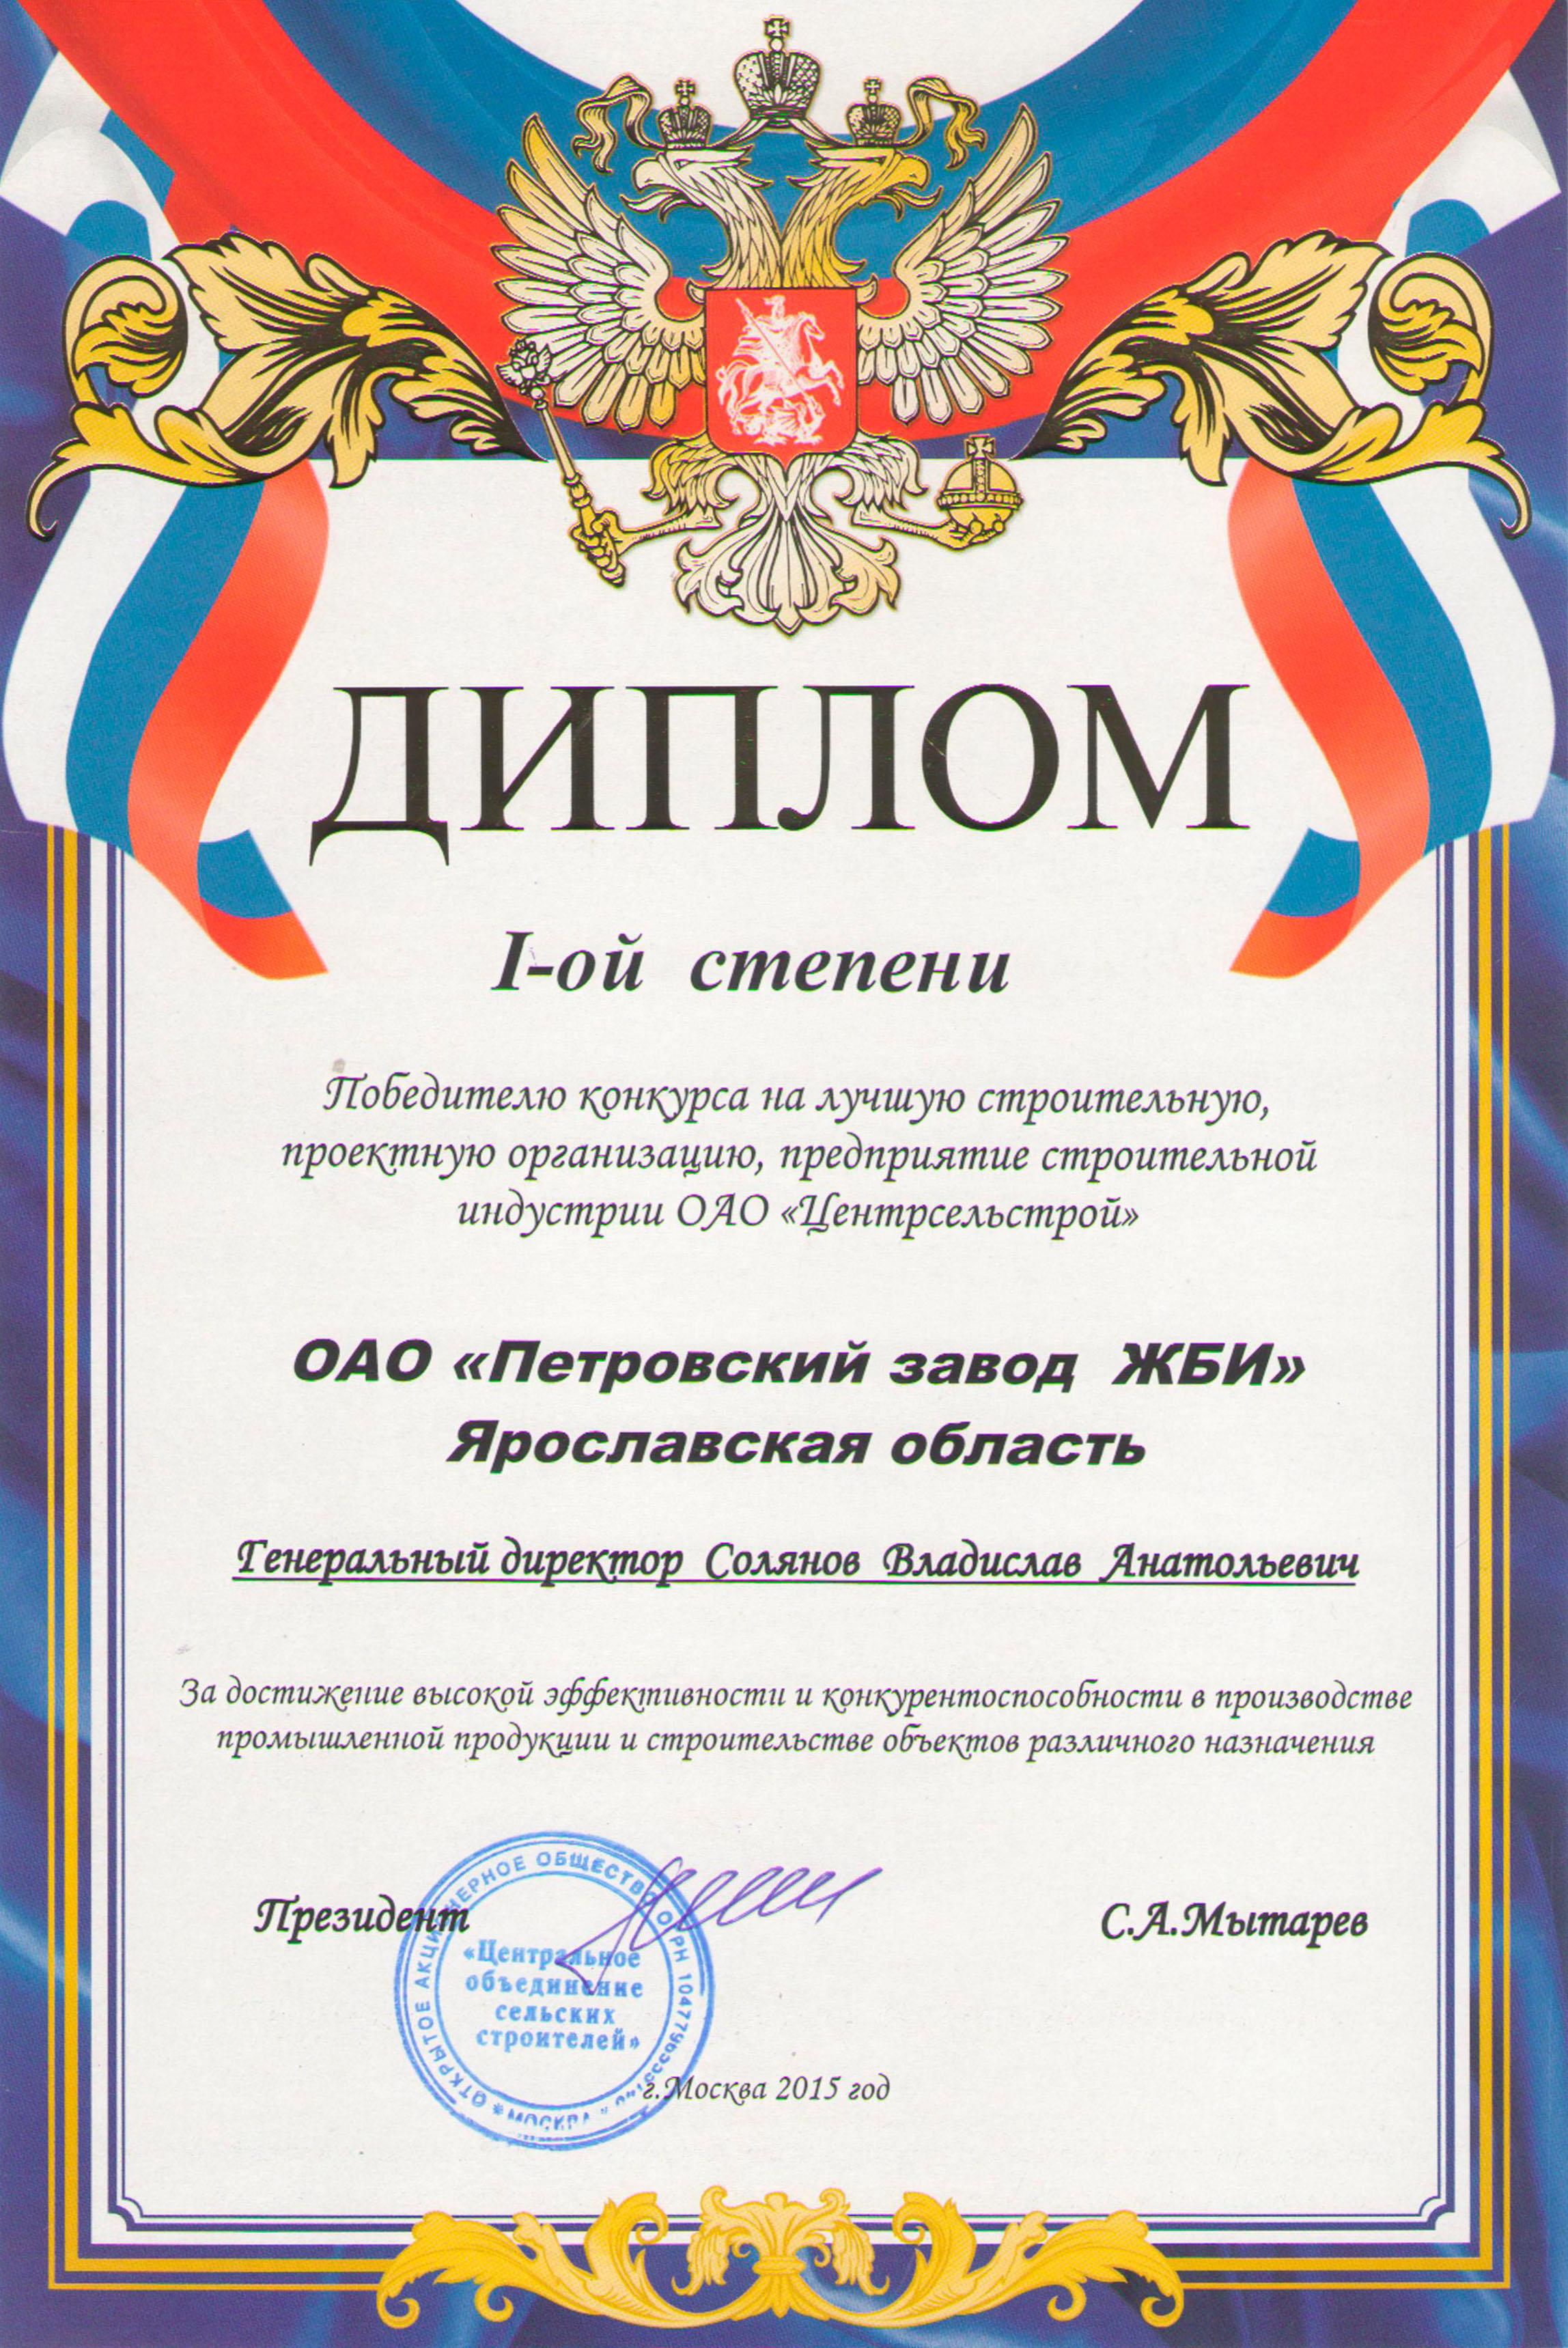 Солянов завод жби 250 завод жби серпухов